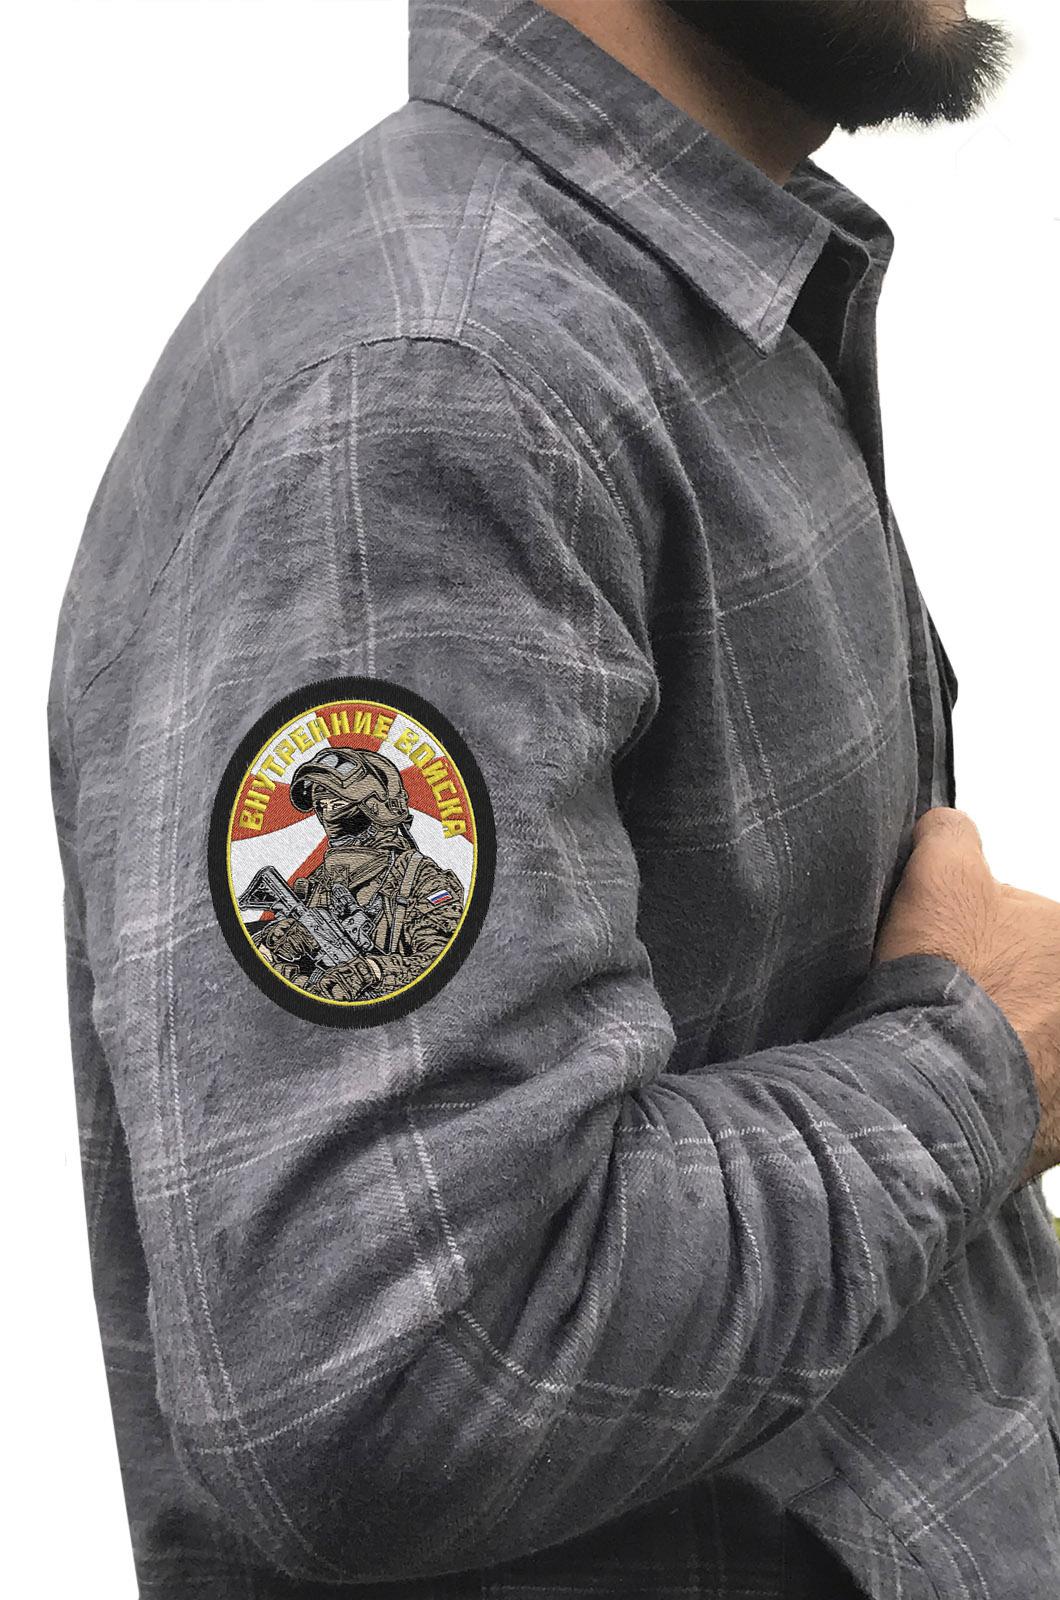 Мужская рубашка с эмблемой Внутренних войск купить с доставкой